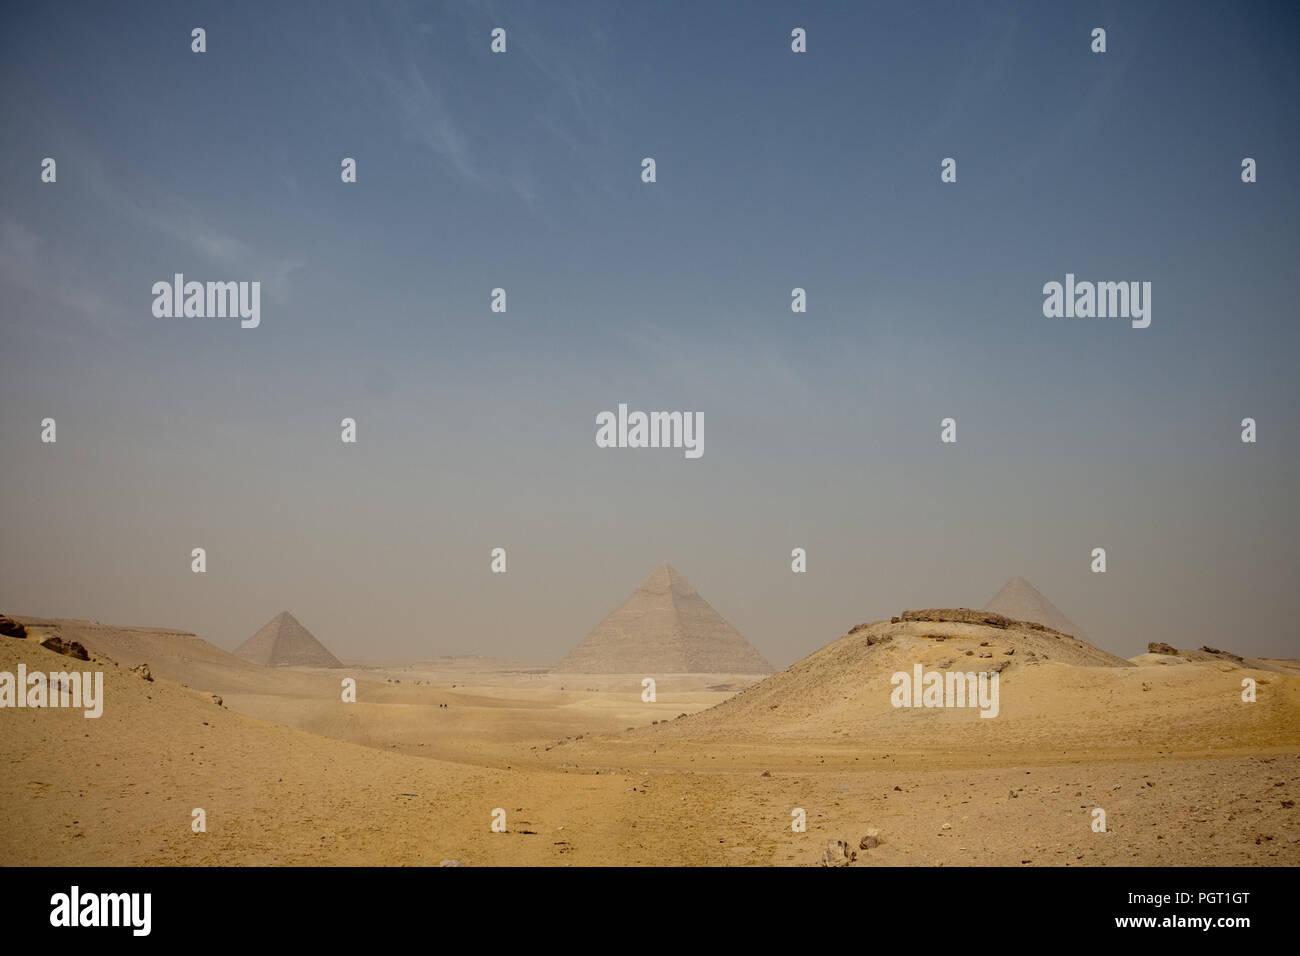 Piramidi nebuloso da una posizione lontana, il Cairo, Egitto Immagini Stock